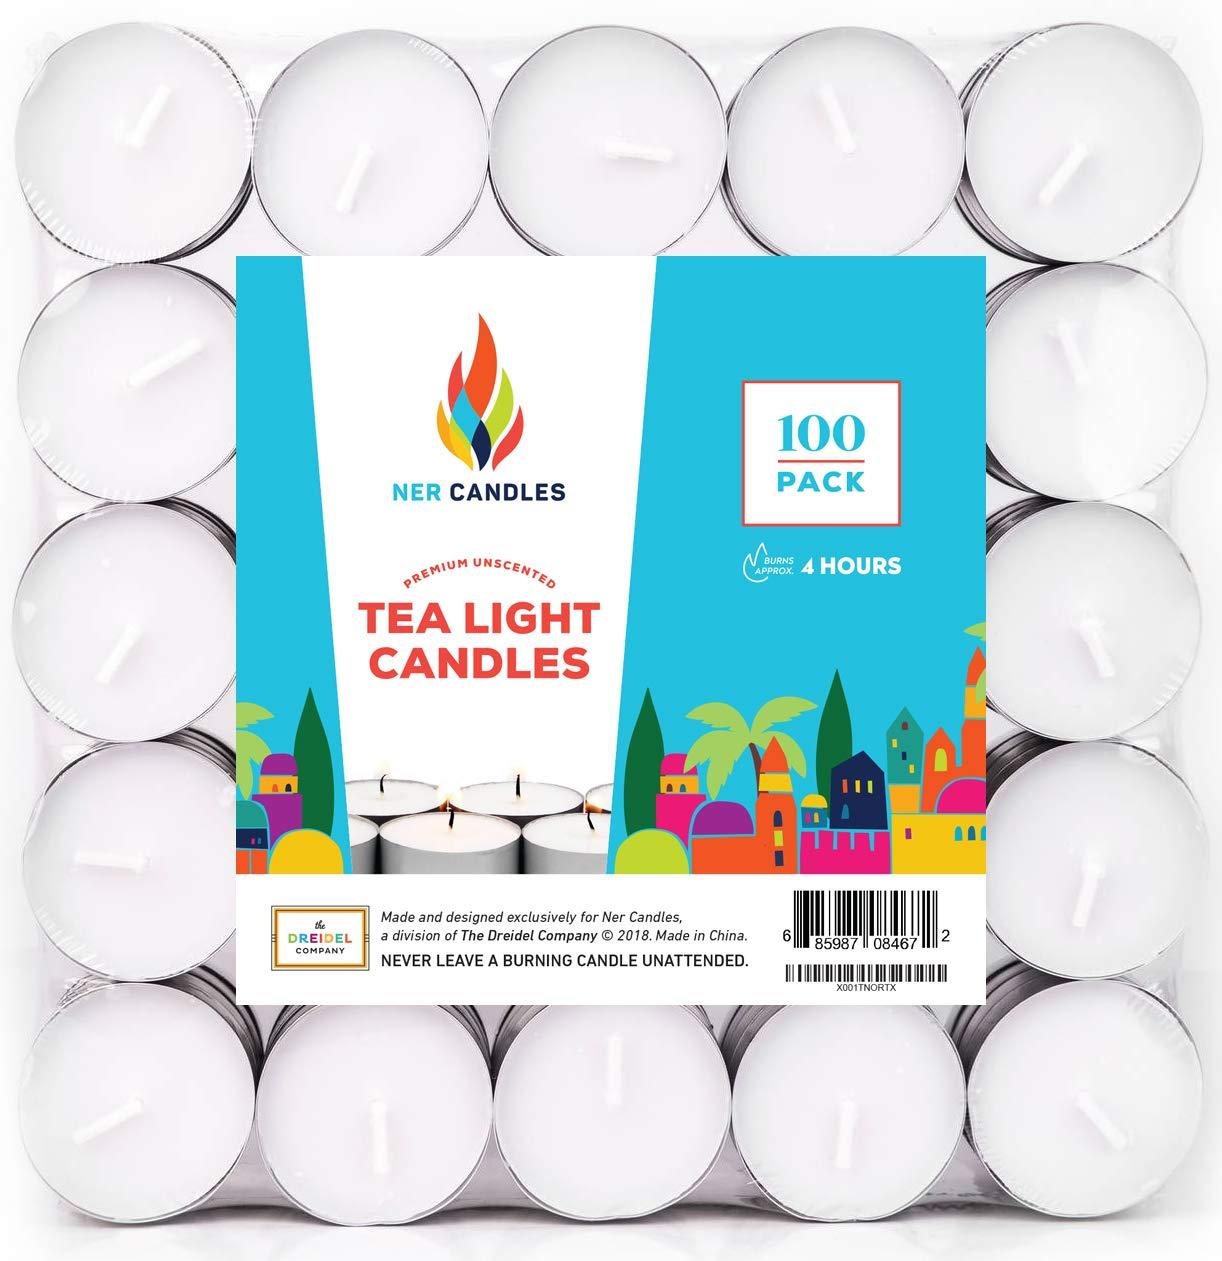 Ner Candles Tea Lights (100-Pack)